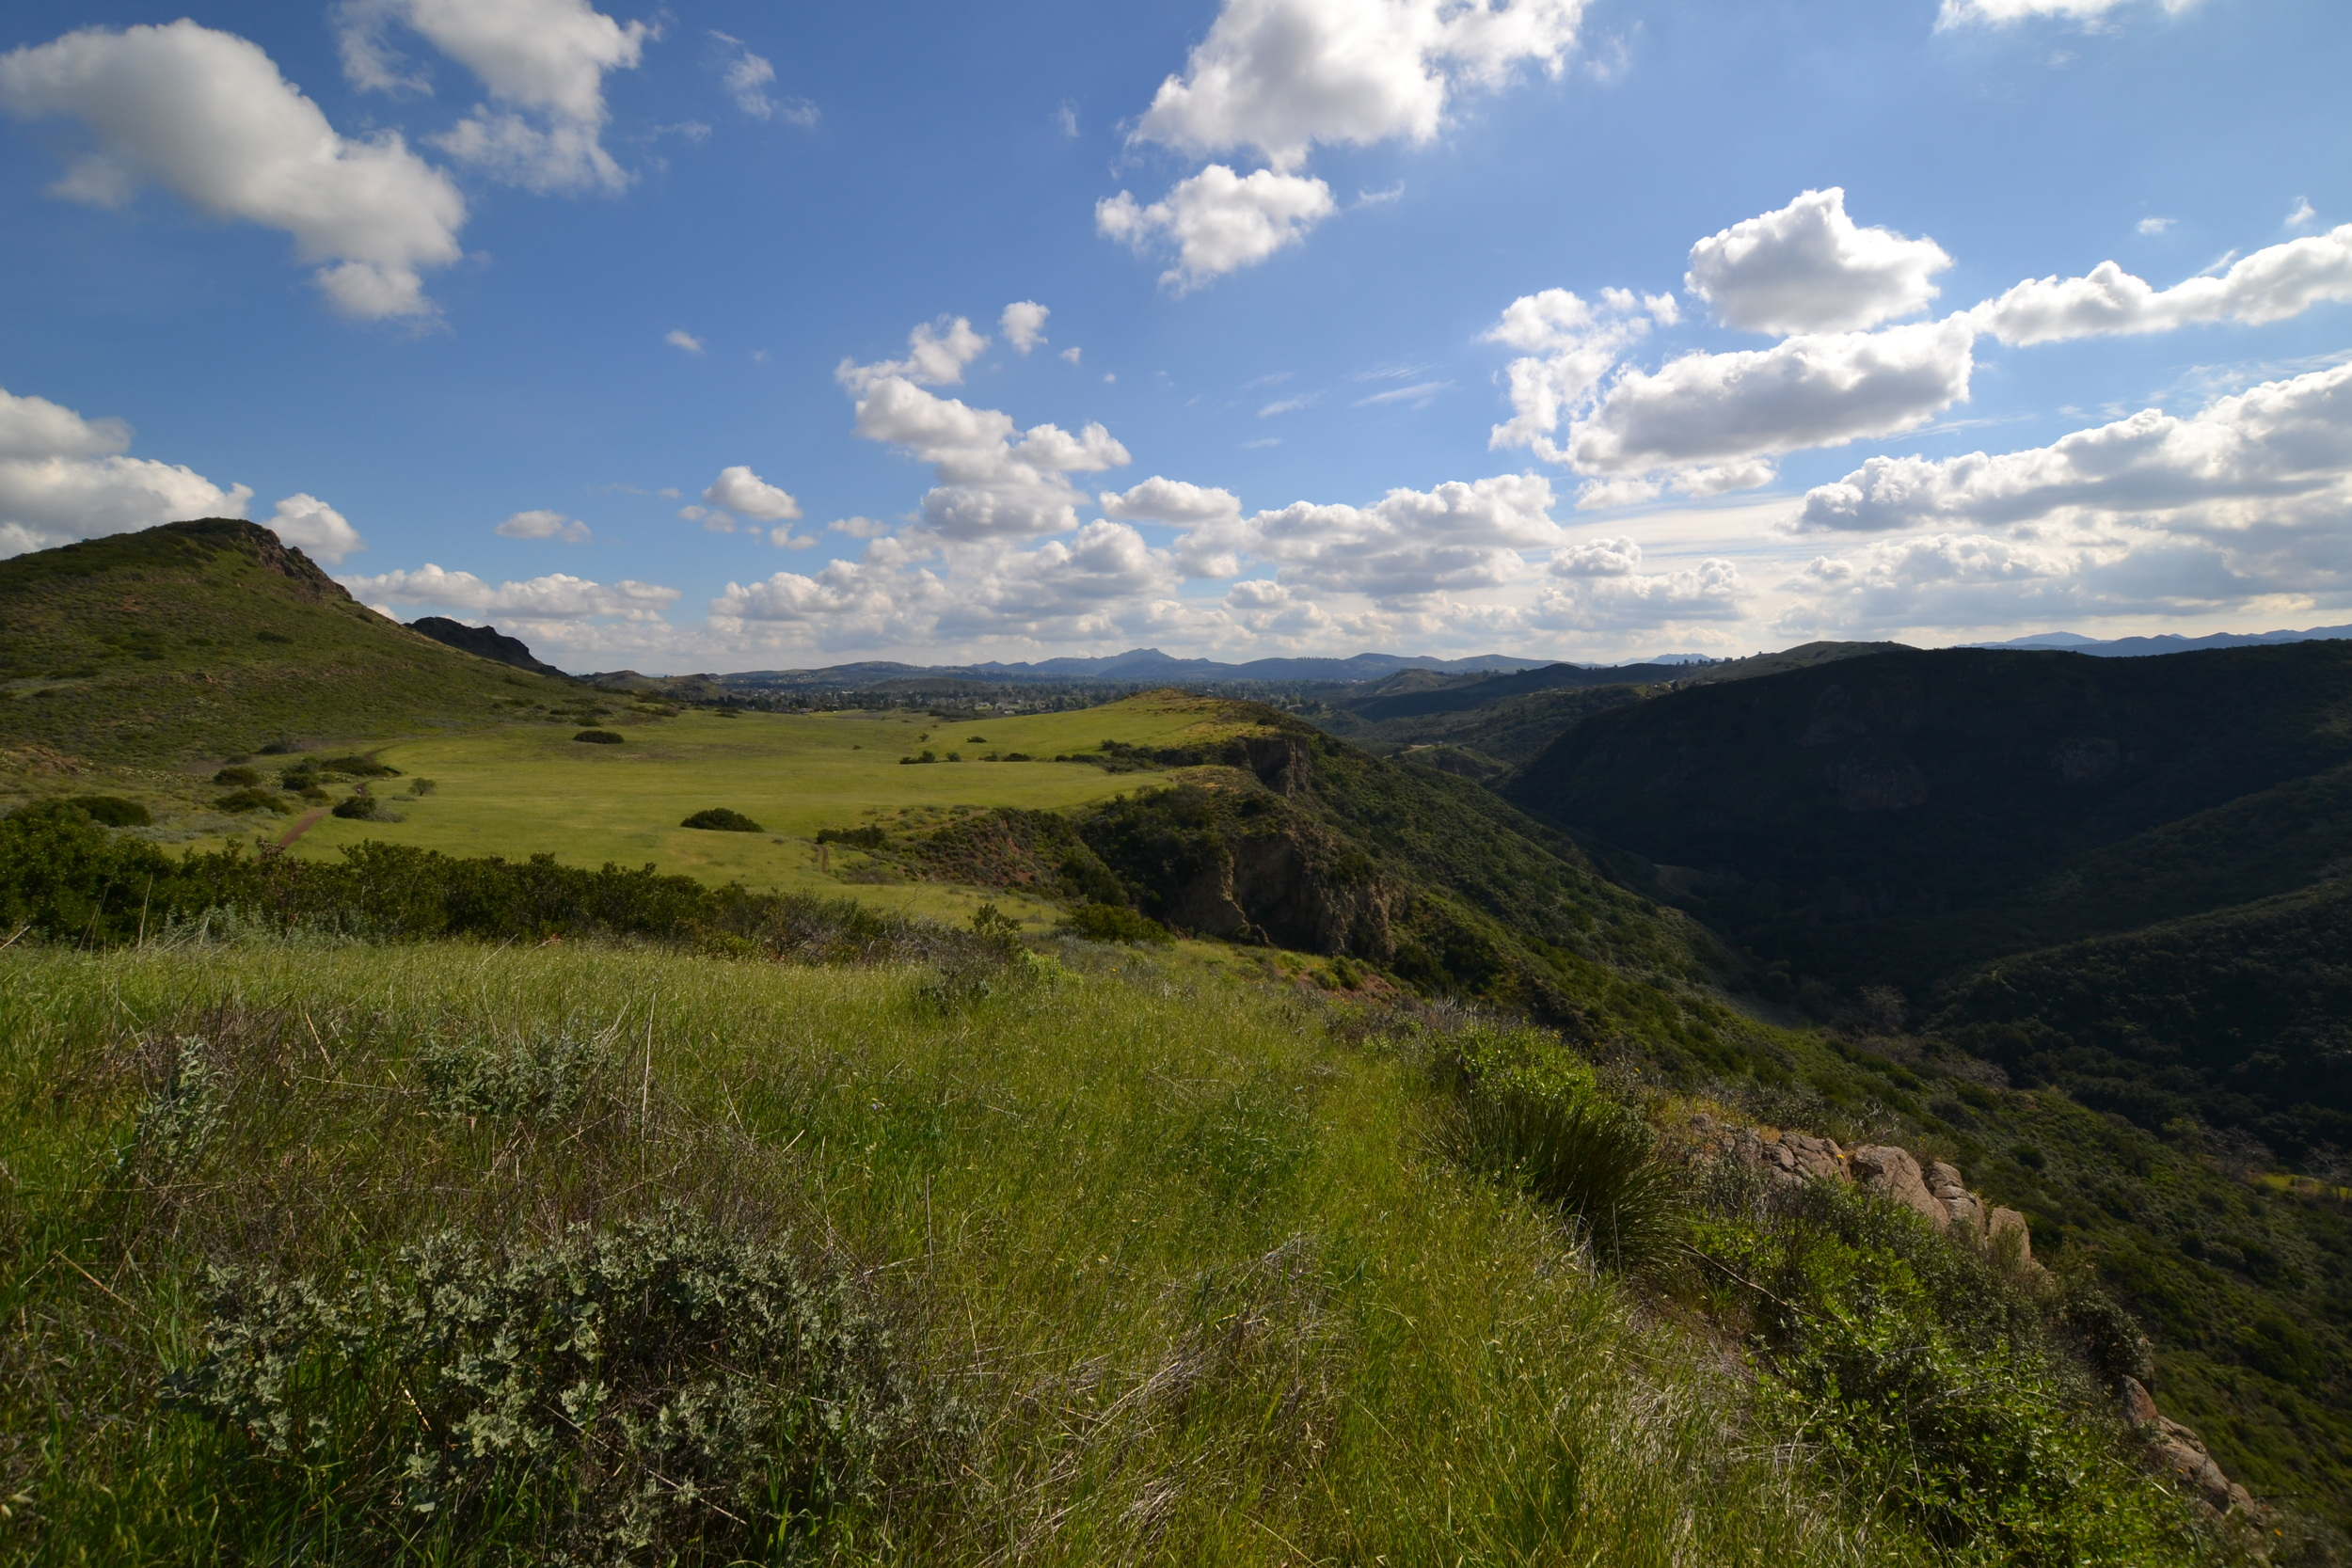 The Meadows at Wildwood Park, Thousand Oaks